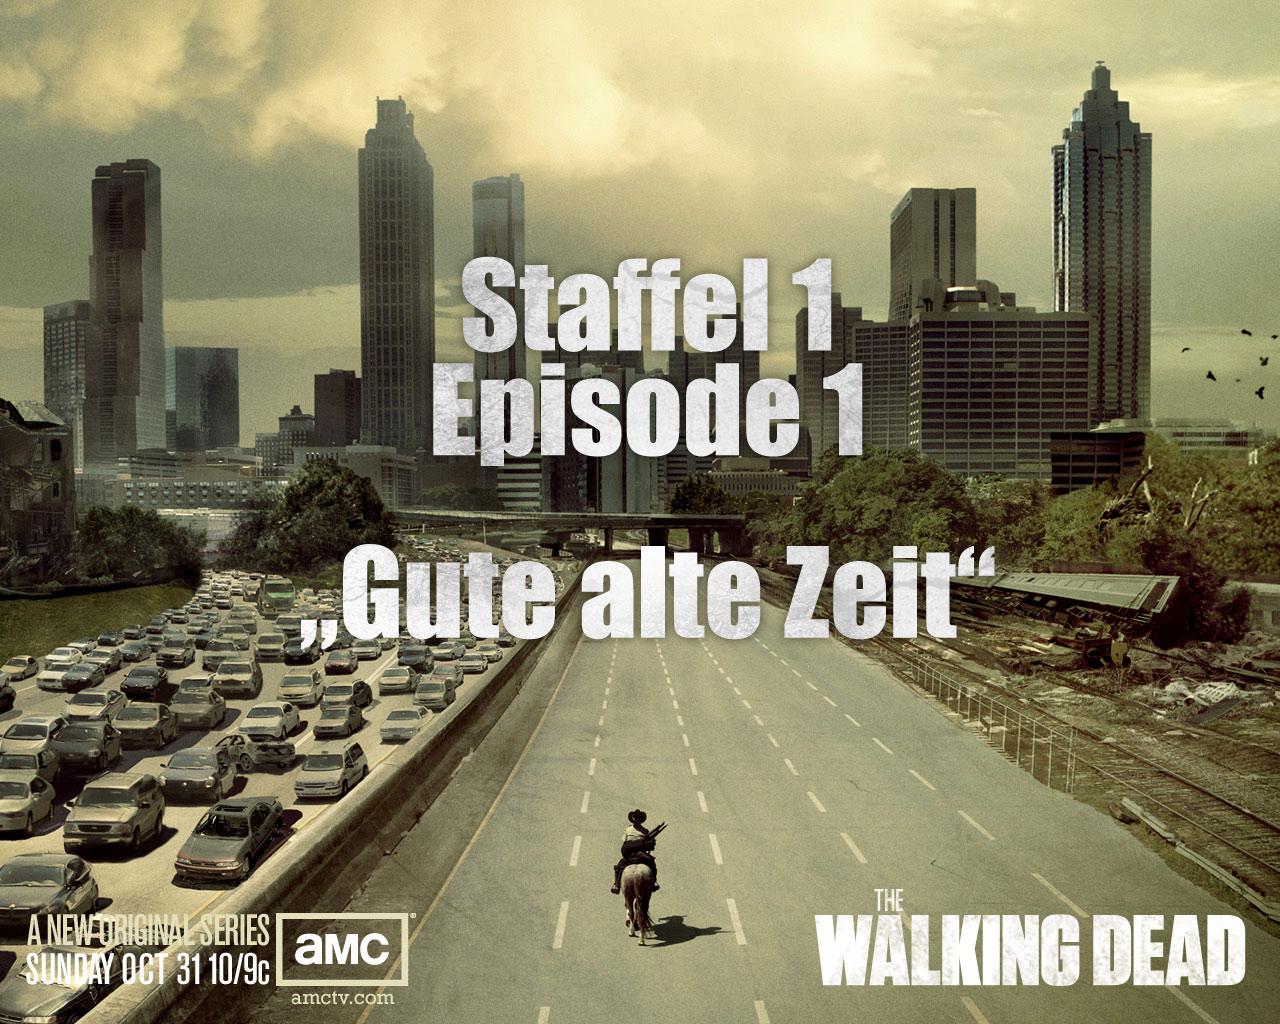 The Walking Dead S01E01 – Gute alte Zeit